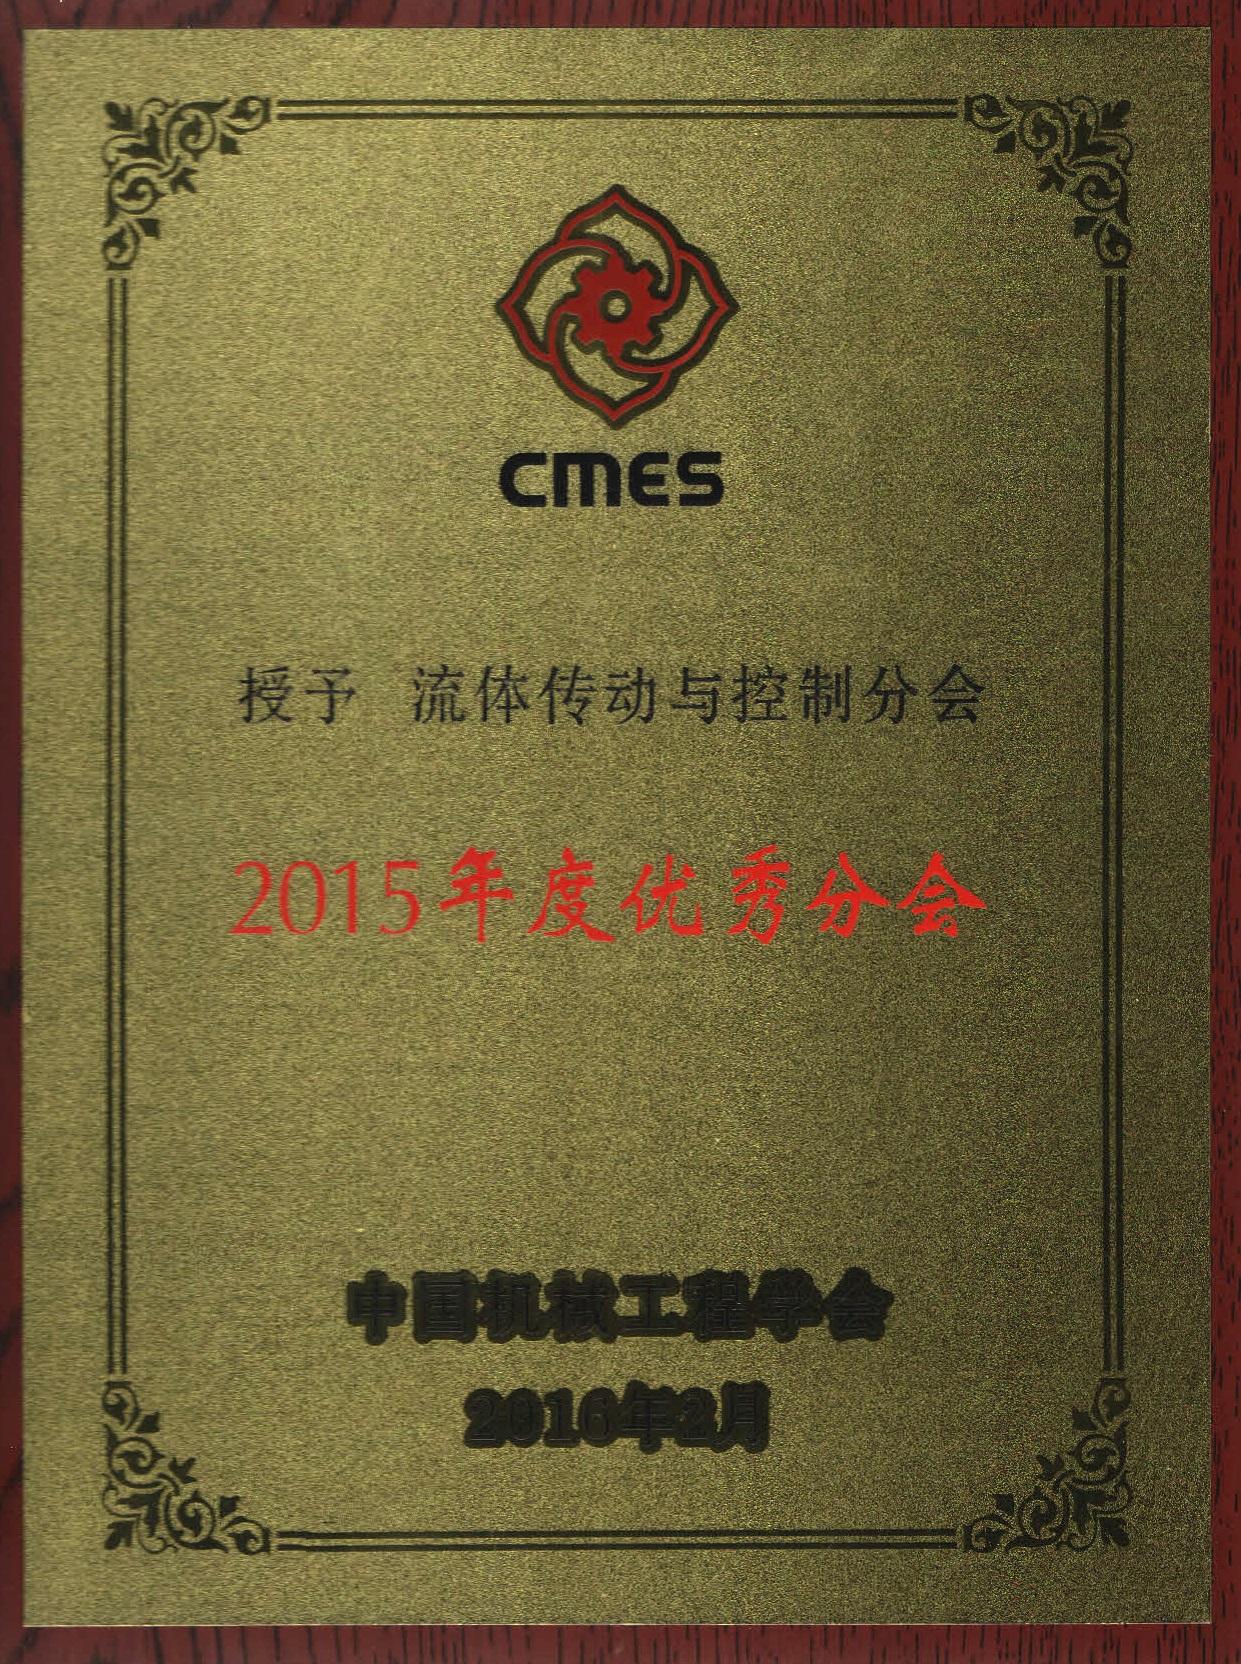 2015年度自动门电动门分会表彰名单